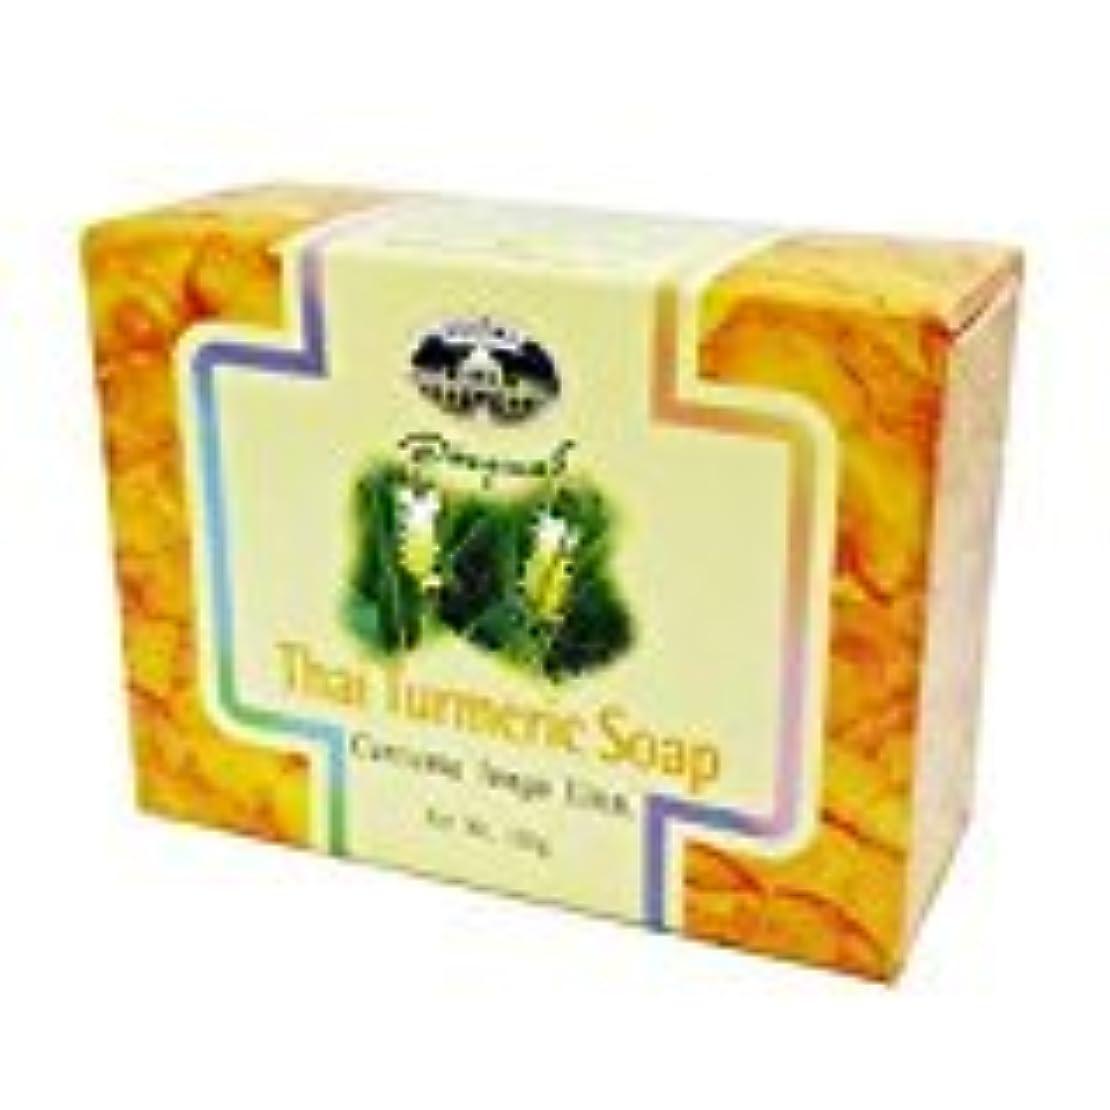 ボンド周波数不定ウコン石けん abhaibhubejhr Turmeric soap 100g